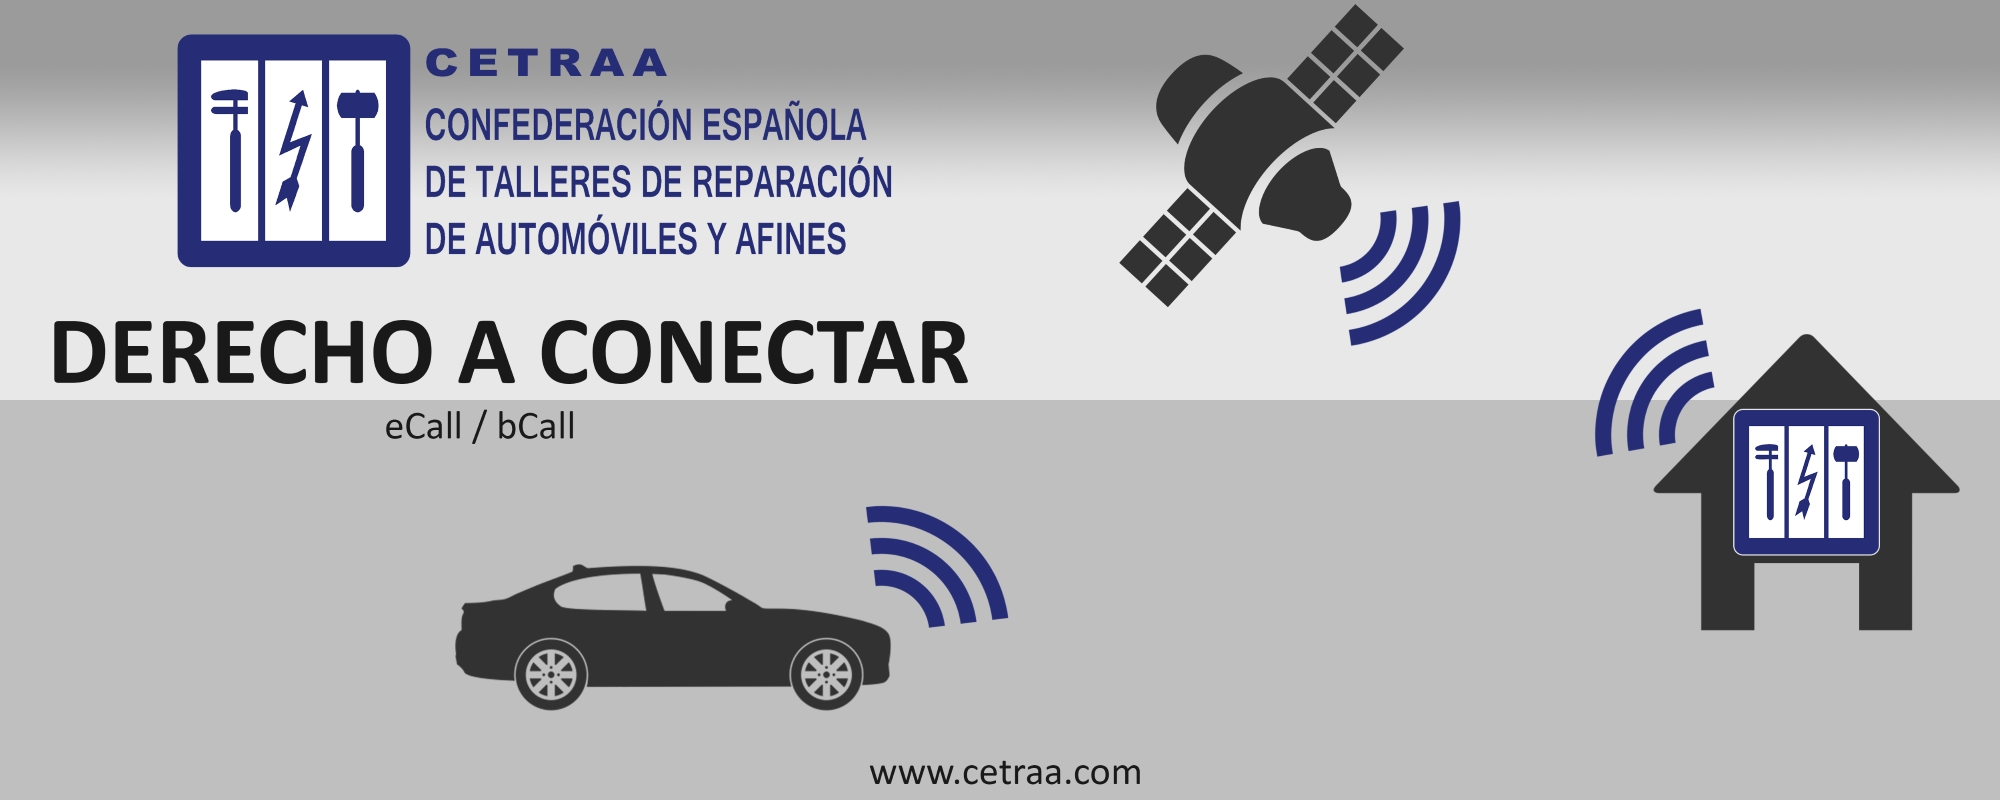 Informe CETRAA 2015 - Derecho a conectar